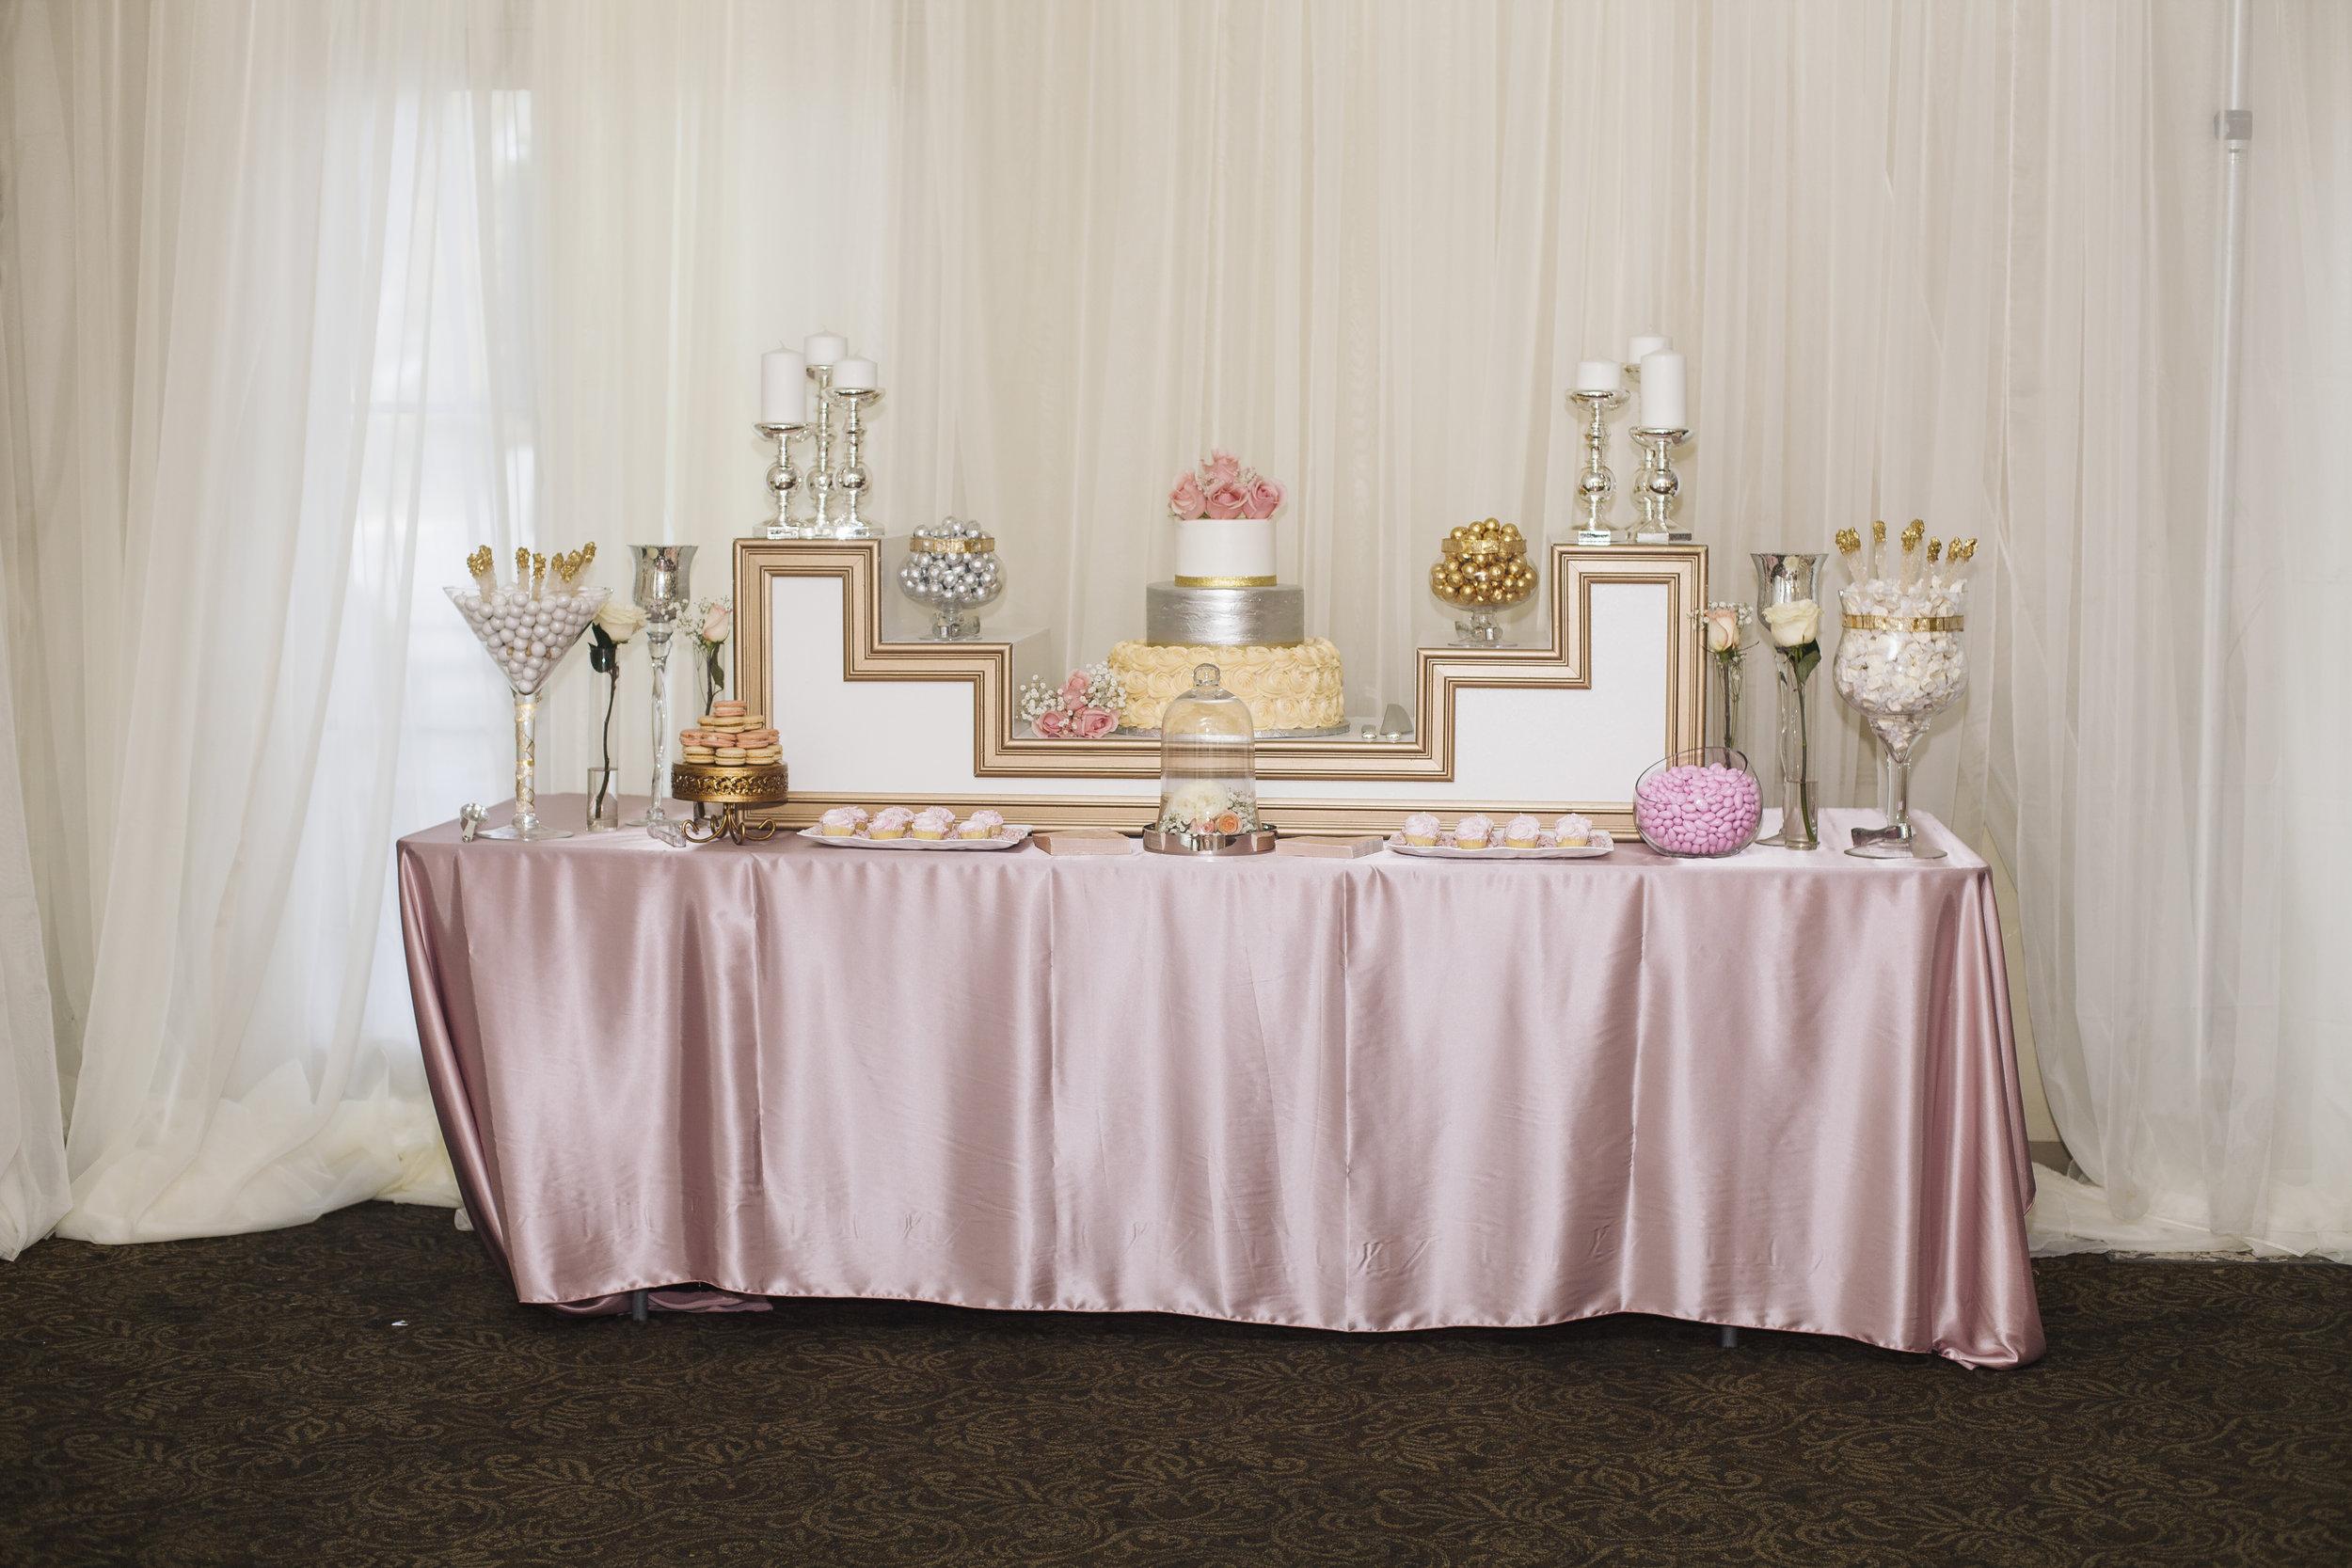 glamorous dessert table